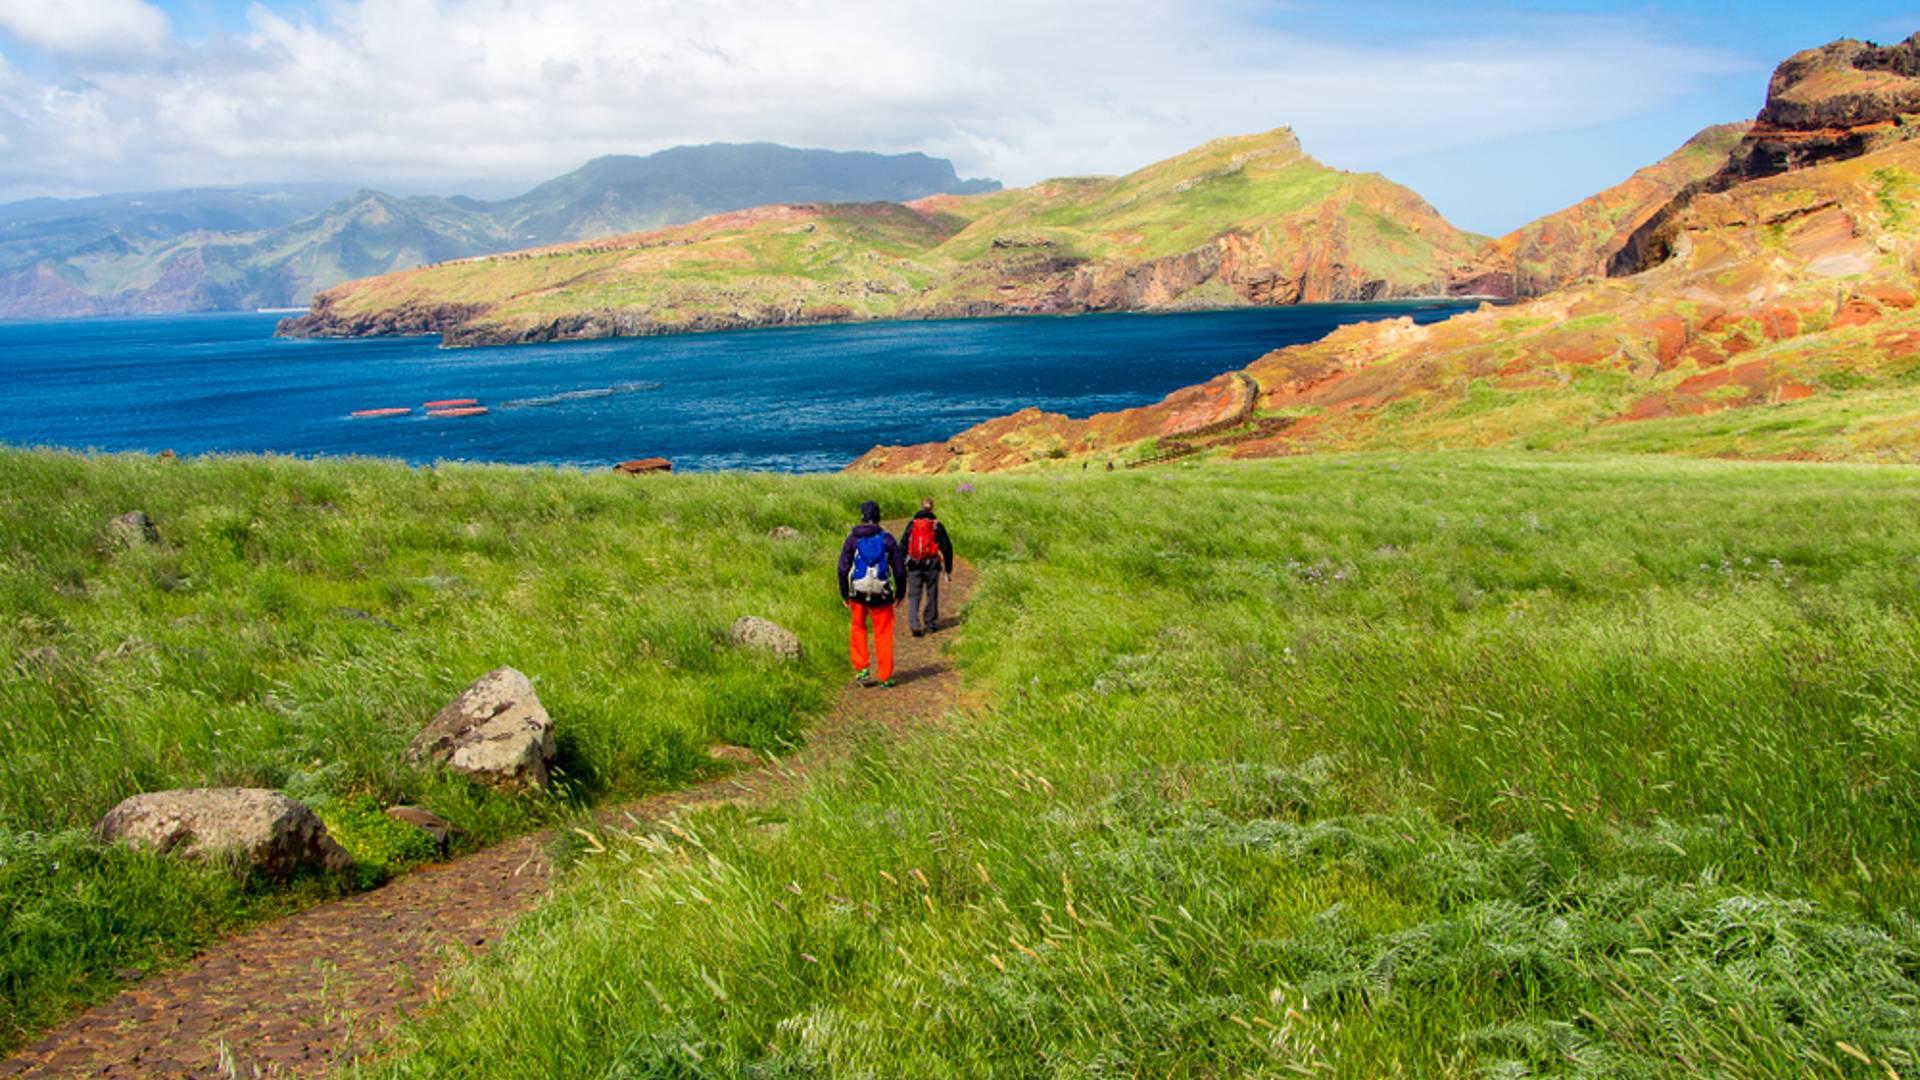 Wanderwoche entlang der Levadas